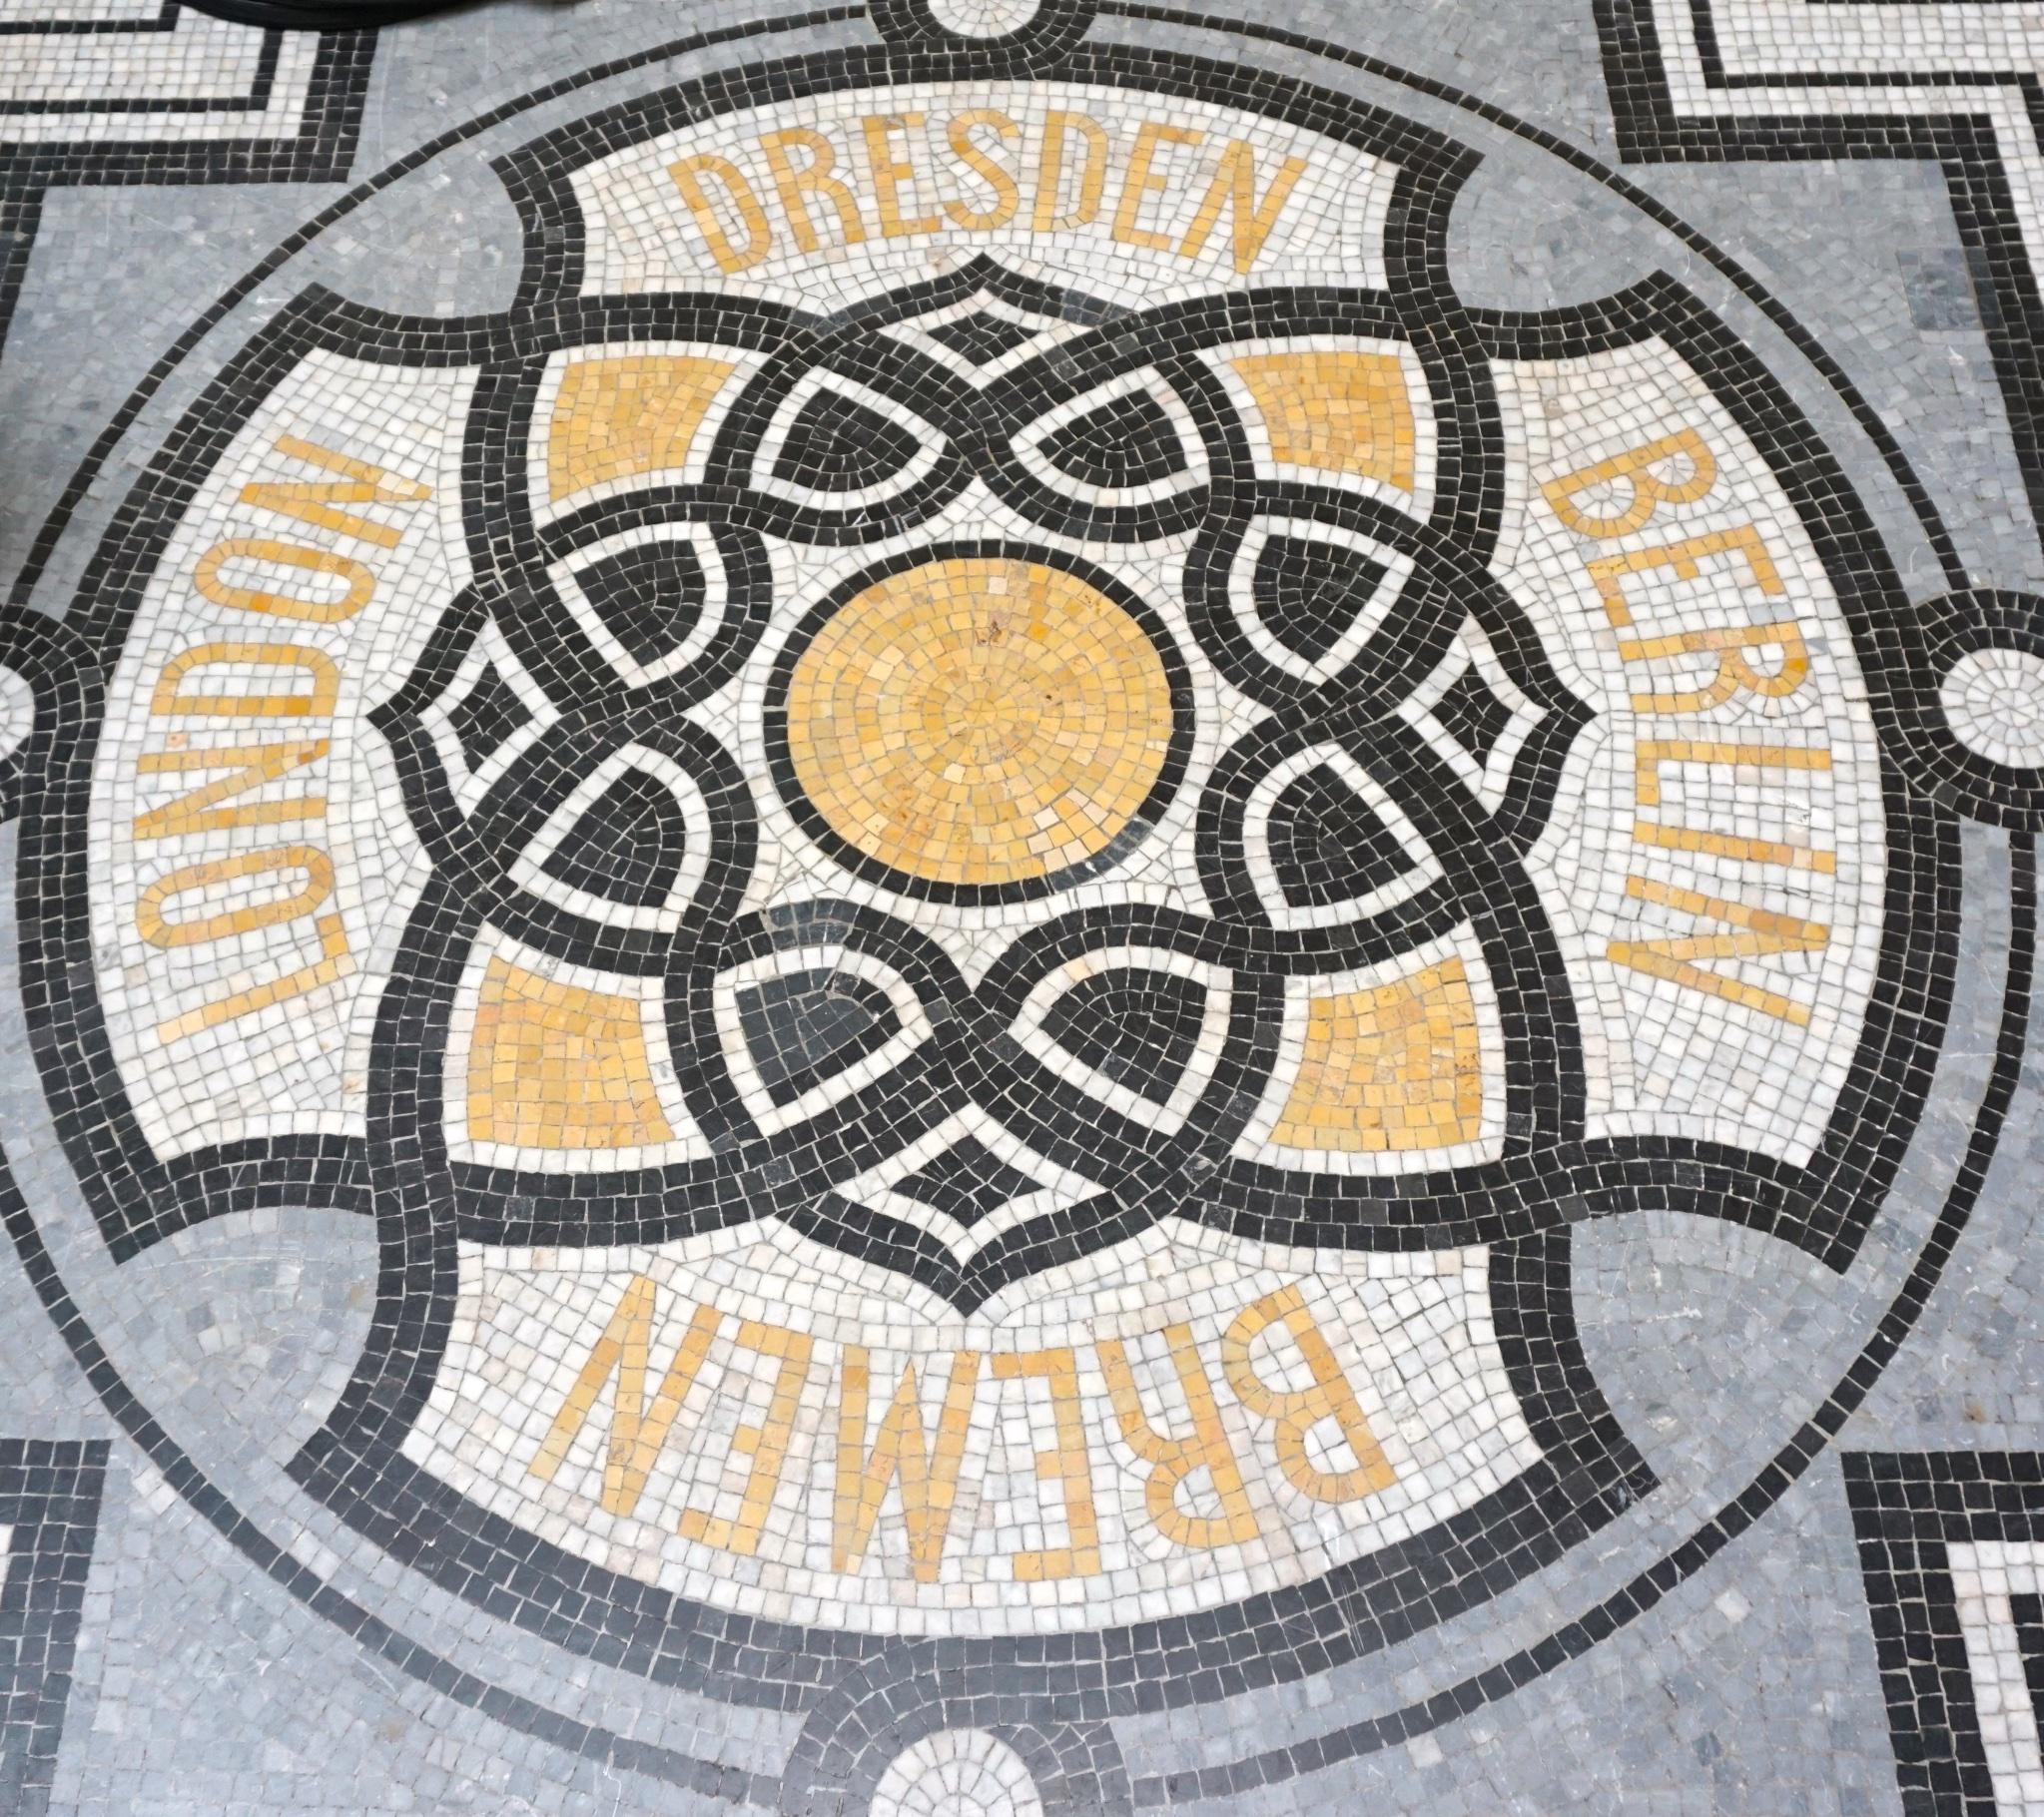 In der ehemaligen Schalterhalle: original Mosaikboden aus dem 19. Jahrhundert.